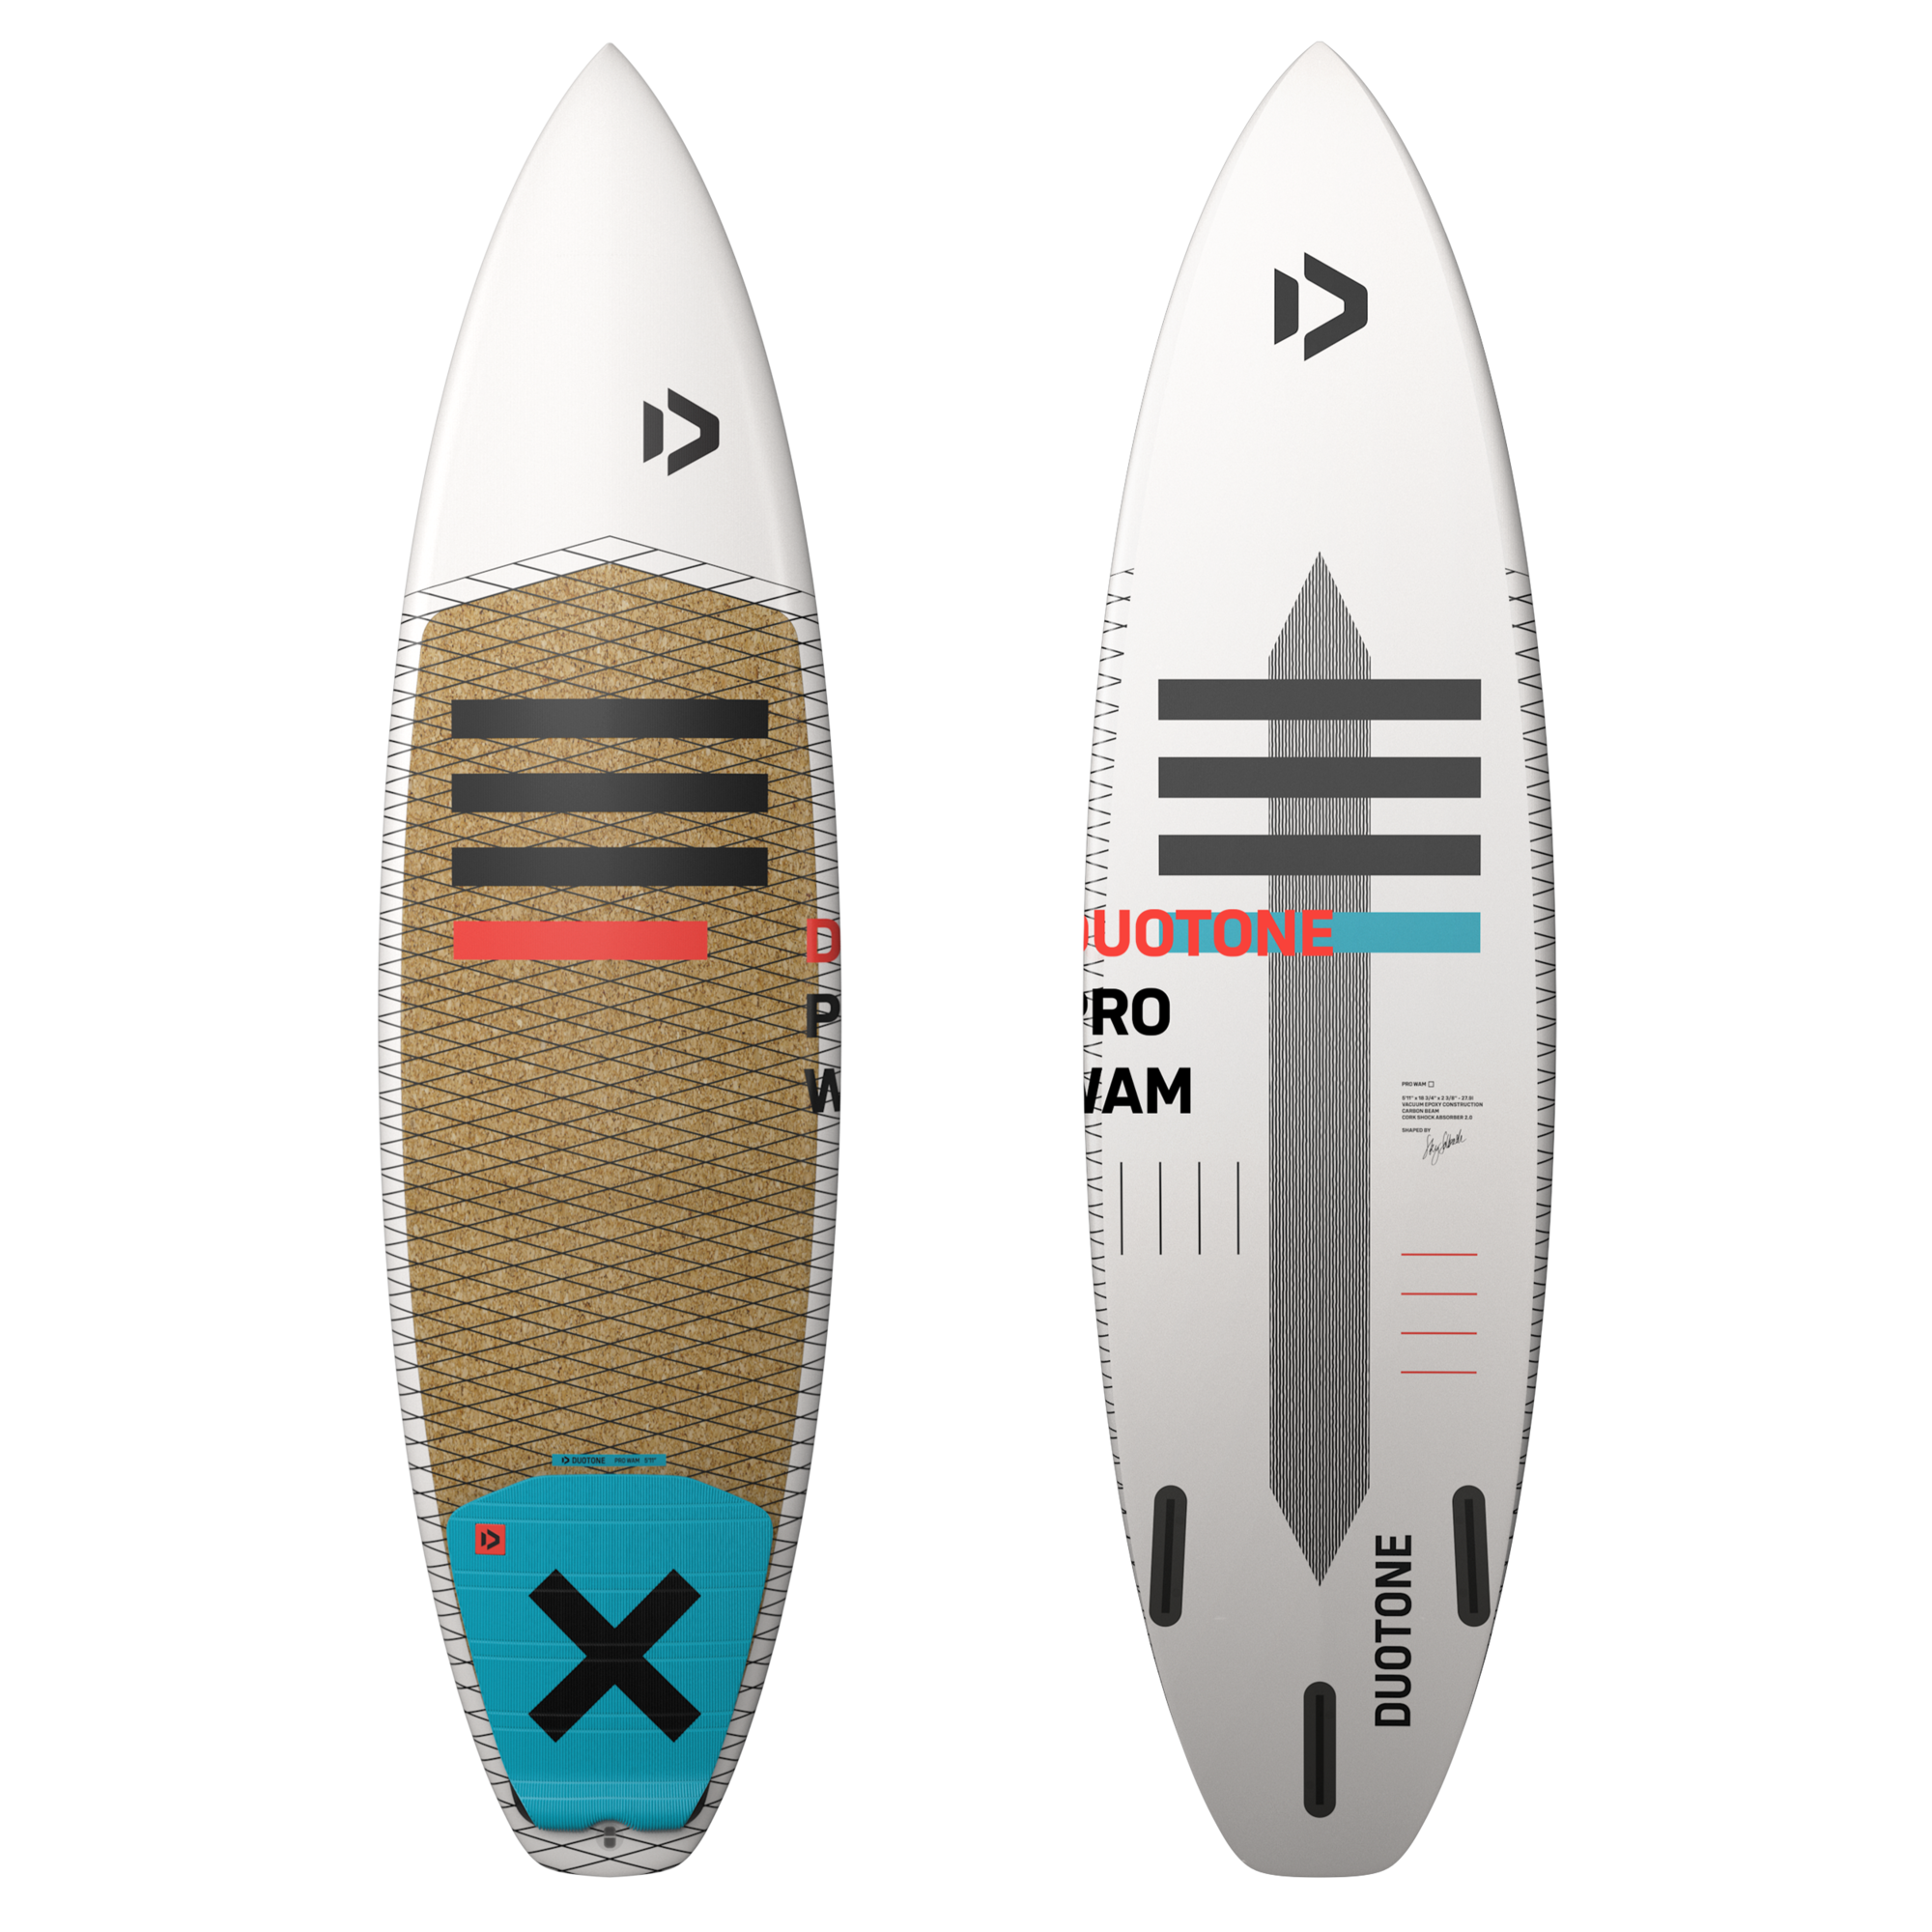 Duotone Pro Wam Surfboard 2020